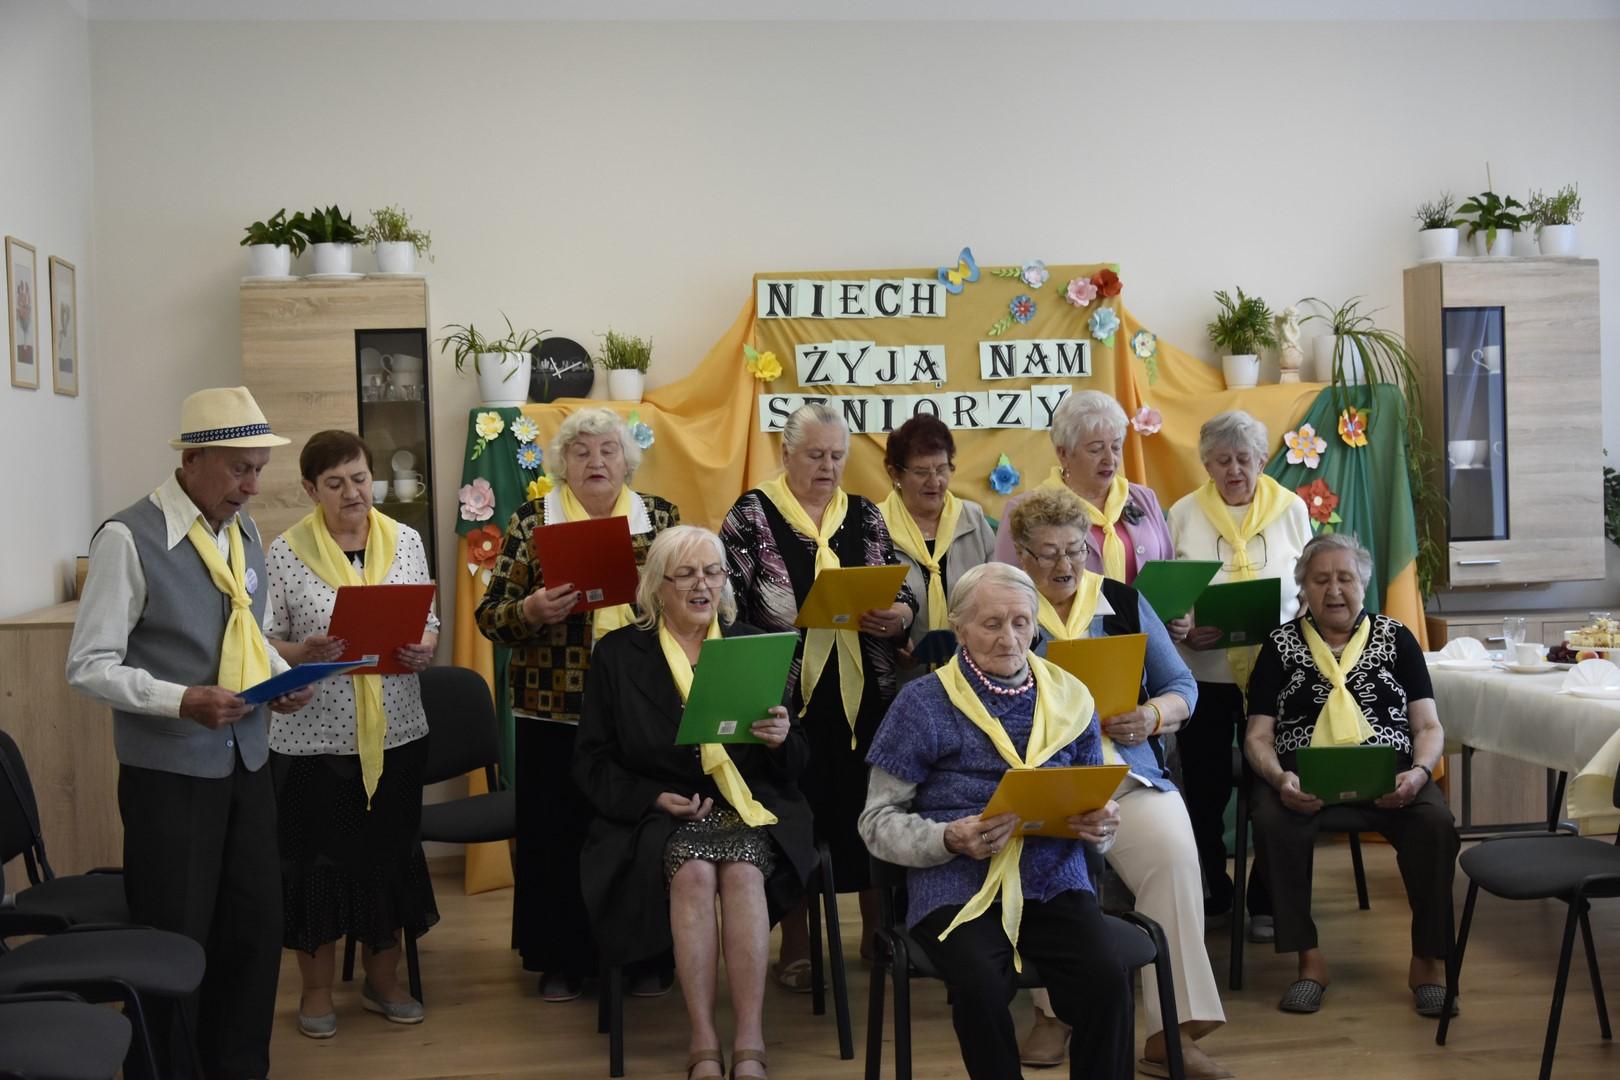 grupa seniorów w żółtych chustkach śpiewa piosenki